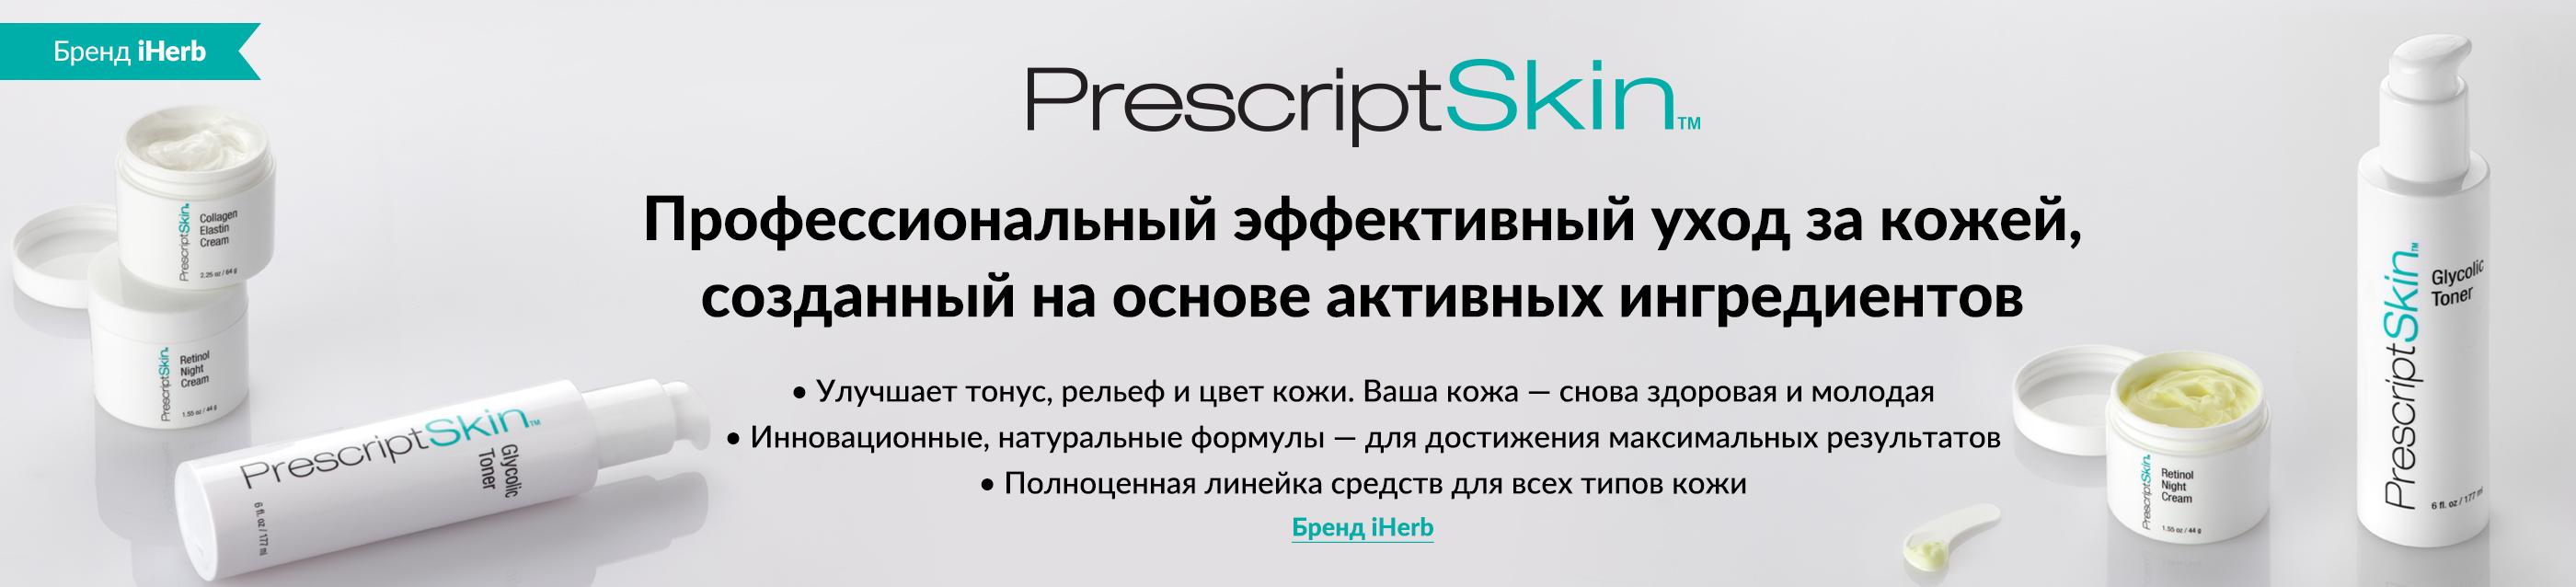 PrescriptSkin